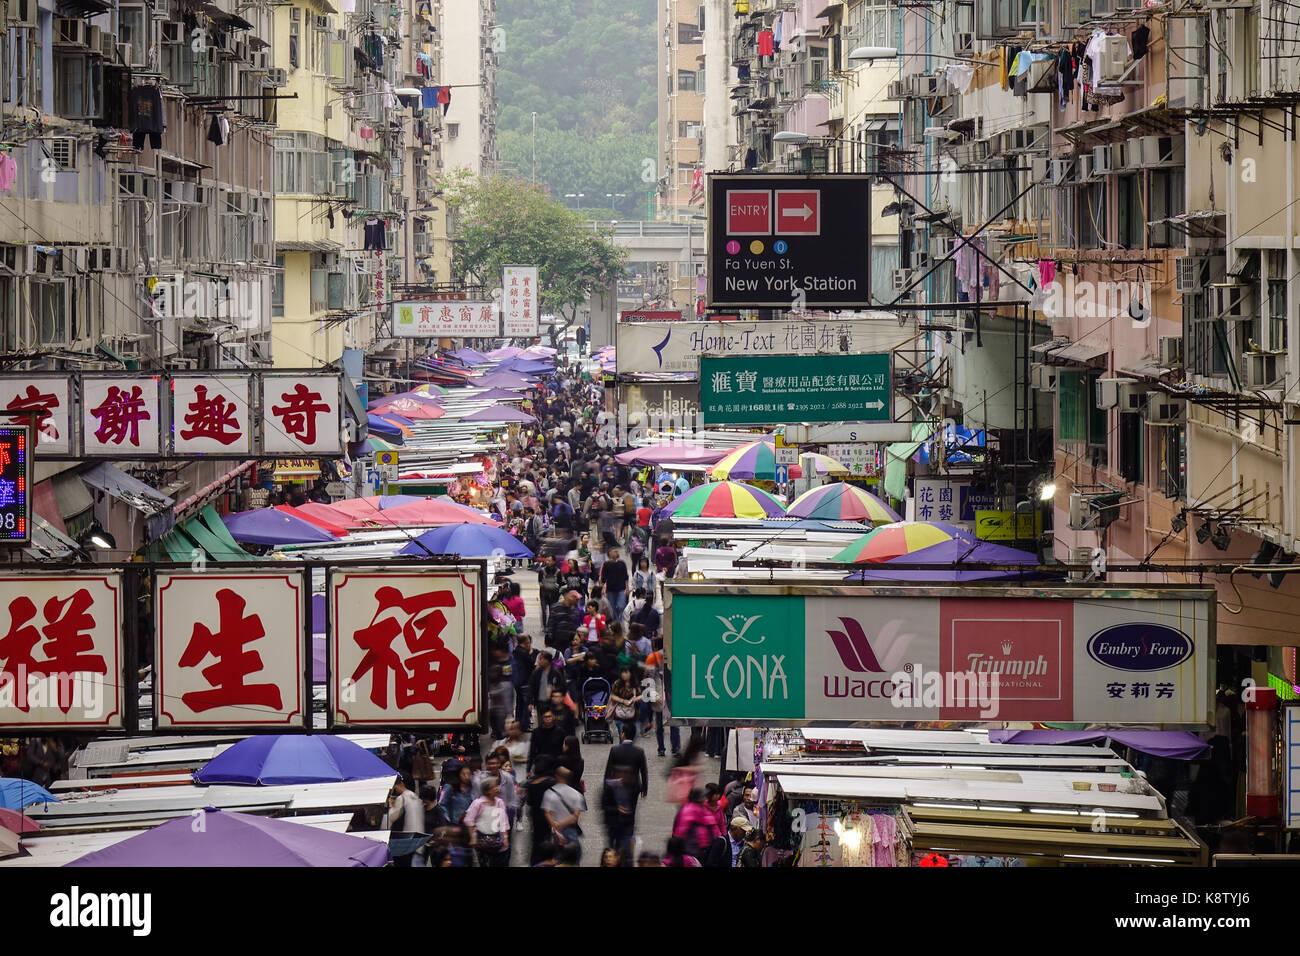 Hong Kong - Mar 29, 2017. People at Fa Yuen street market in Hong Kong. Hong Kong gross domestic product has grown - Stock Image